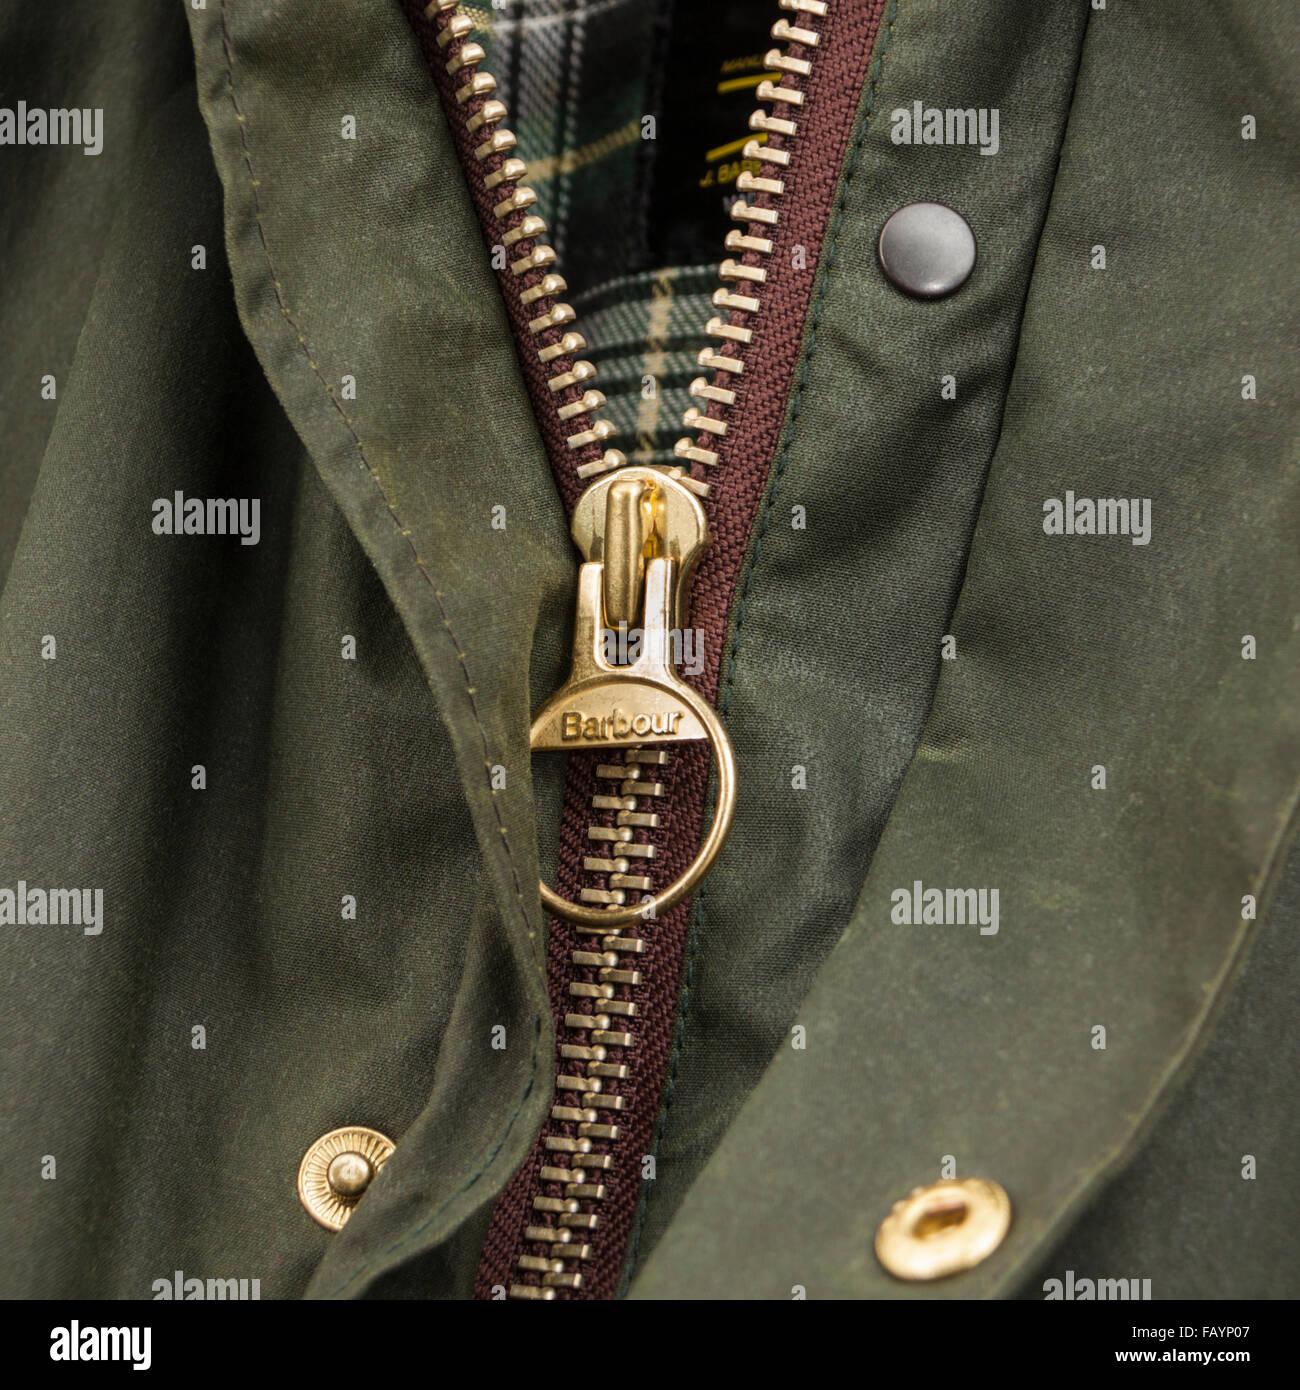 Barbour A200 Confine cerata giacca. La mitica giacca di frontiera è stato  progettato nei primi 8dced07eeb12